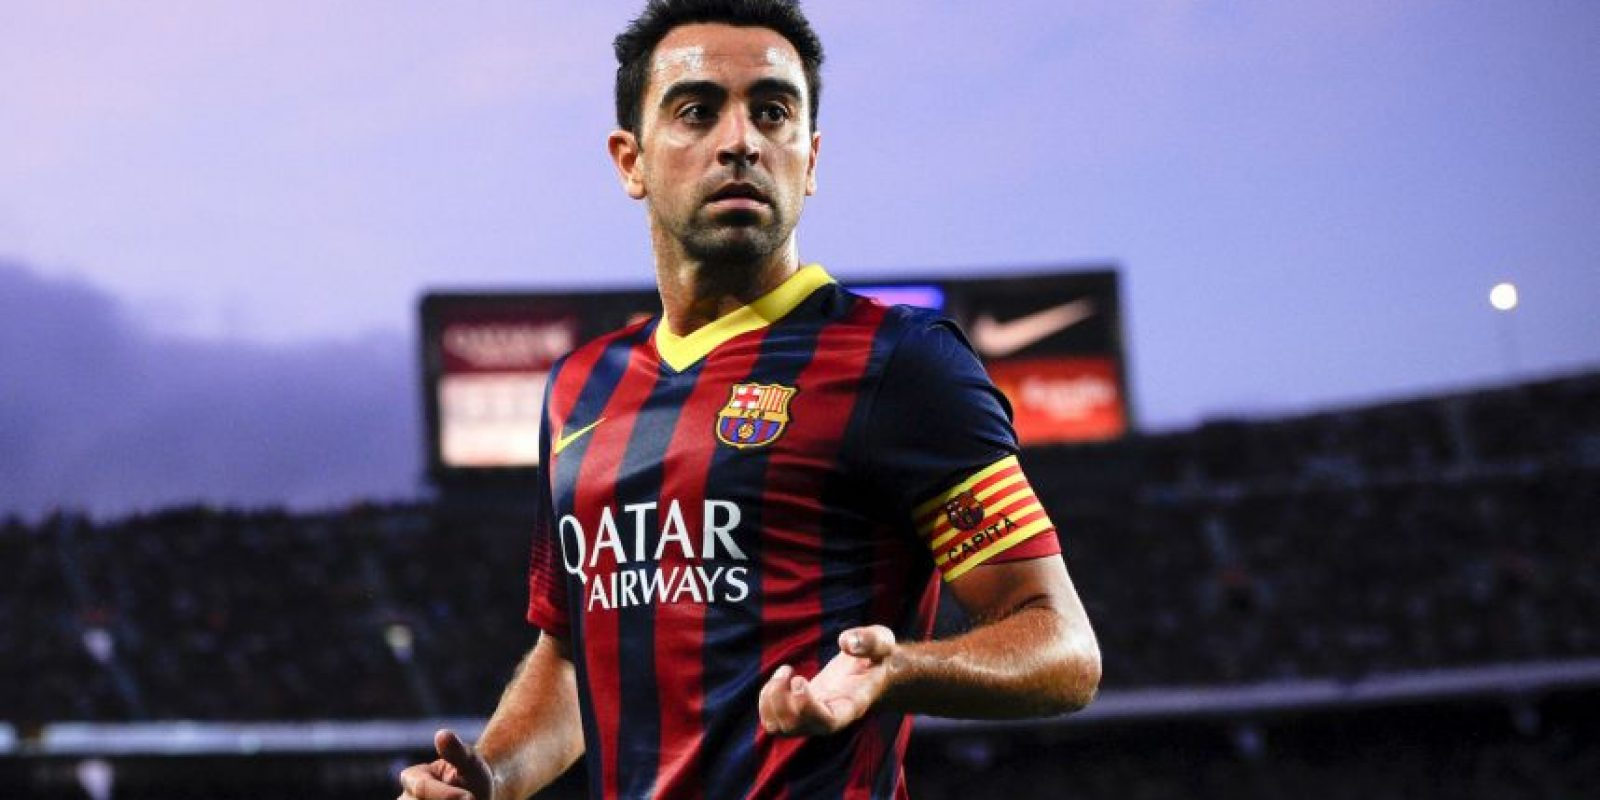 Este talentoso volante del Barcelona fue relegado a la banca esta temporada por Luis Enrique. Xavi participa algunos minutos como cambio y a veces como titular. Se dice que ya firmó con el Al-Sadd de Qatar para la próxima temporada. Foto:Getty Images